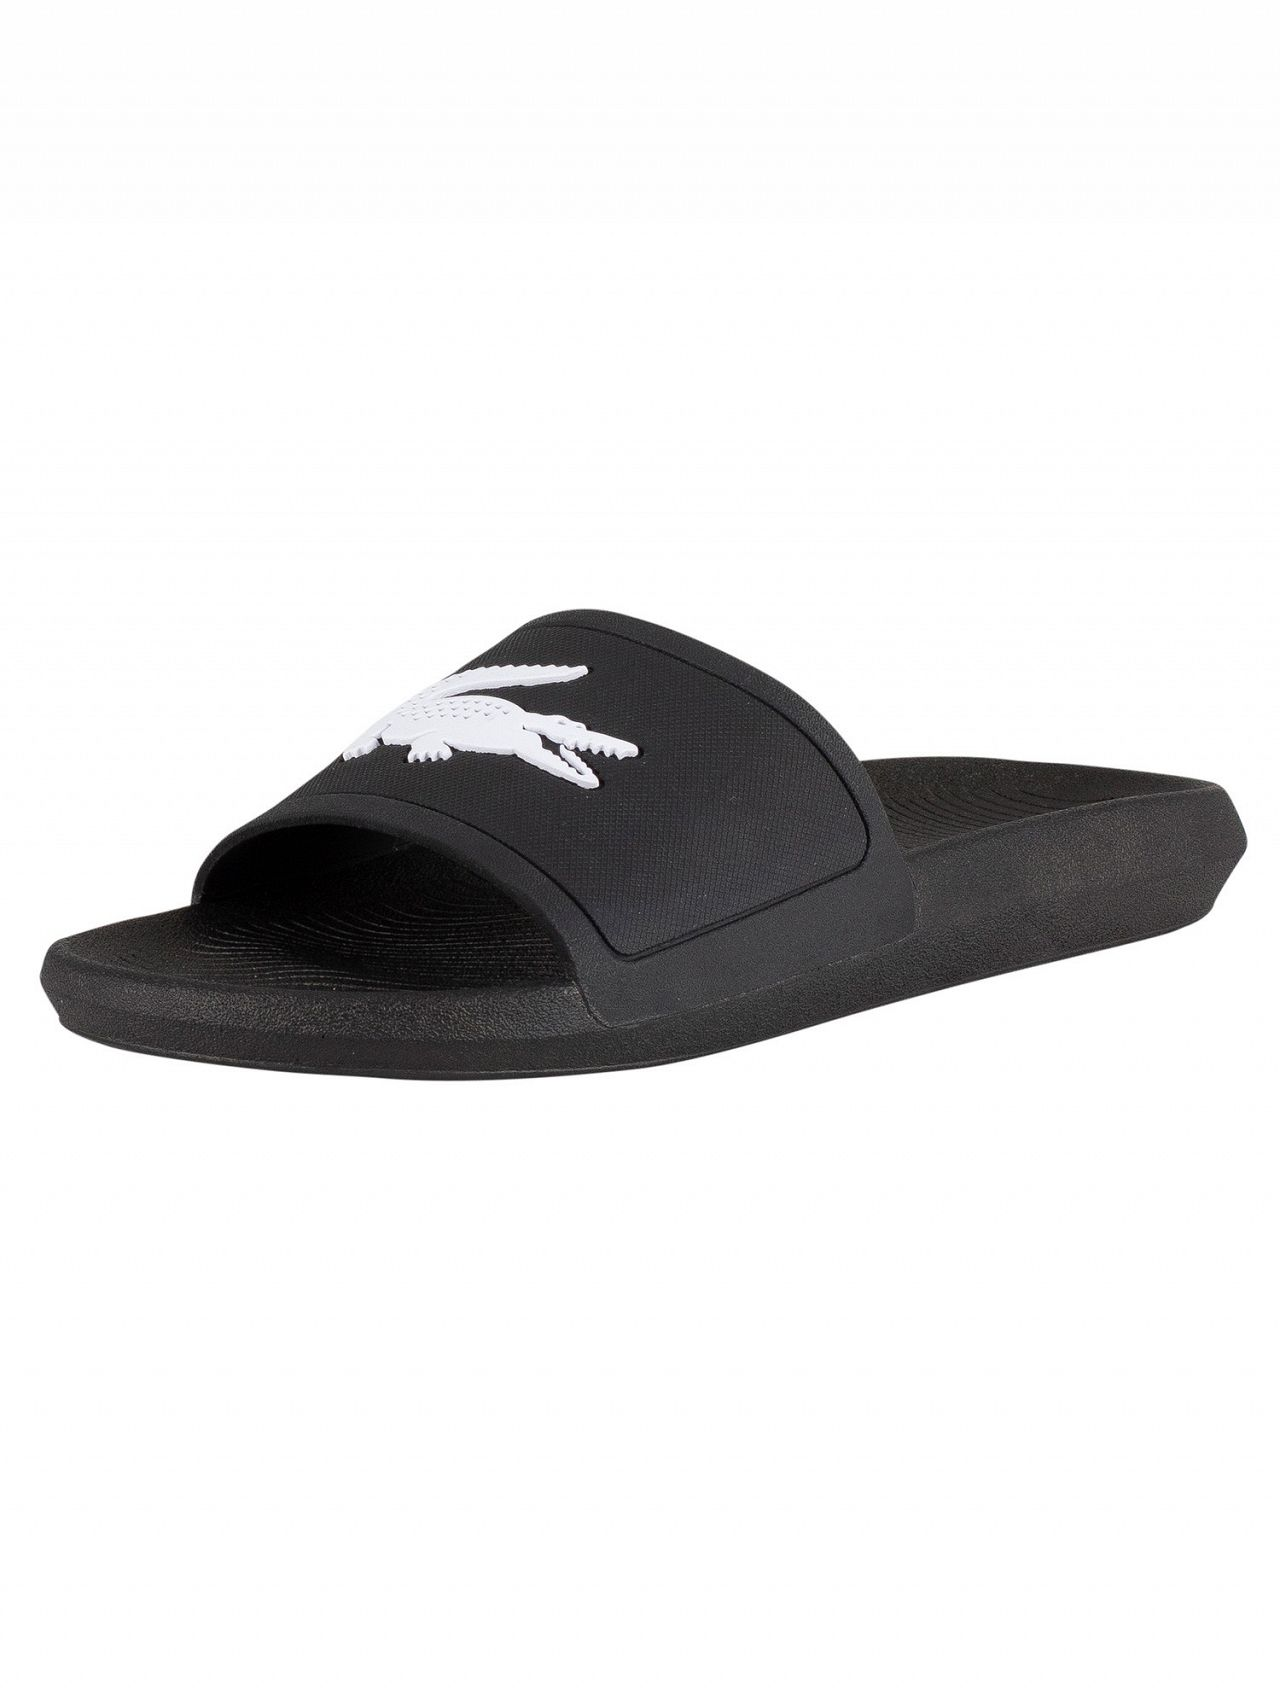 8df4c22ce074 Lacoste Black White Croco 119 1 CMA Sliders